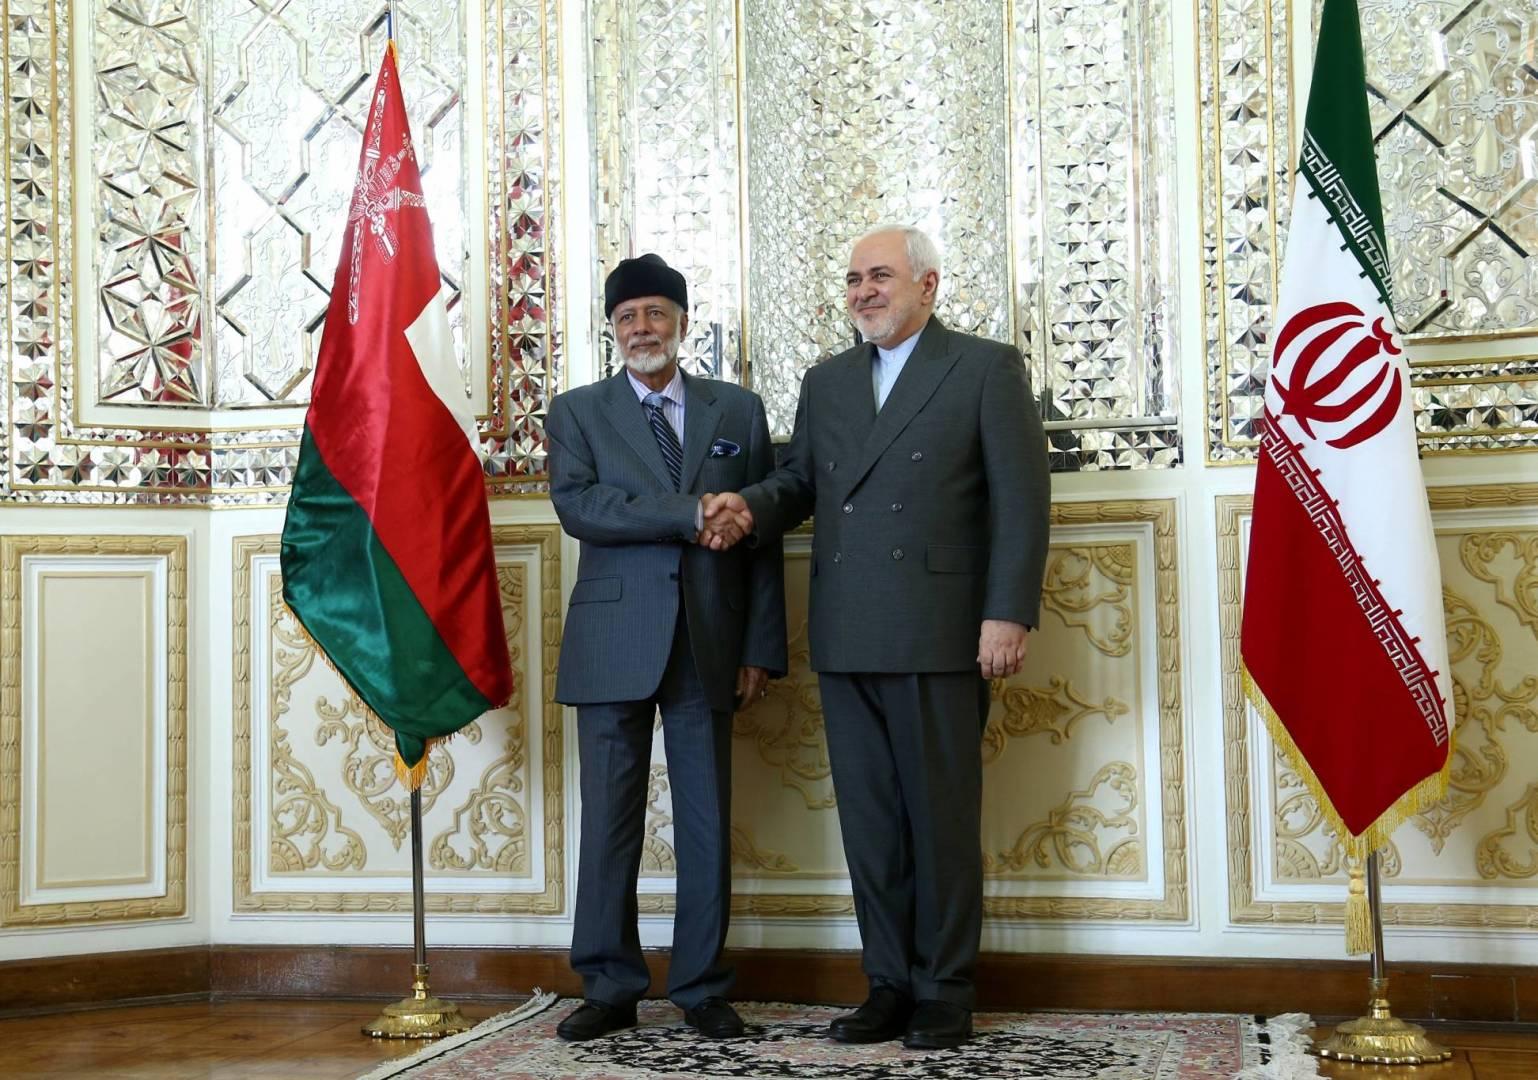 وزير الشؤون الخارجية العُماني يزور طهران.. للمرة الثانية خلال أسبوعين